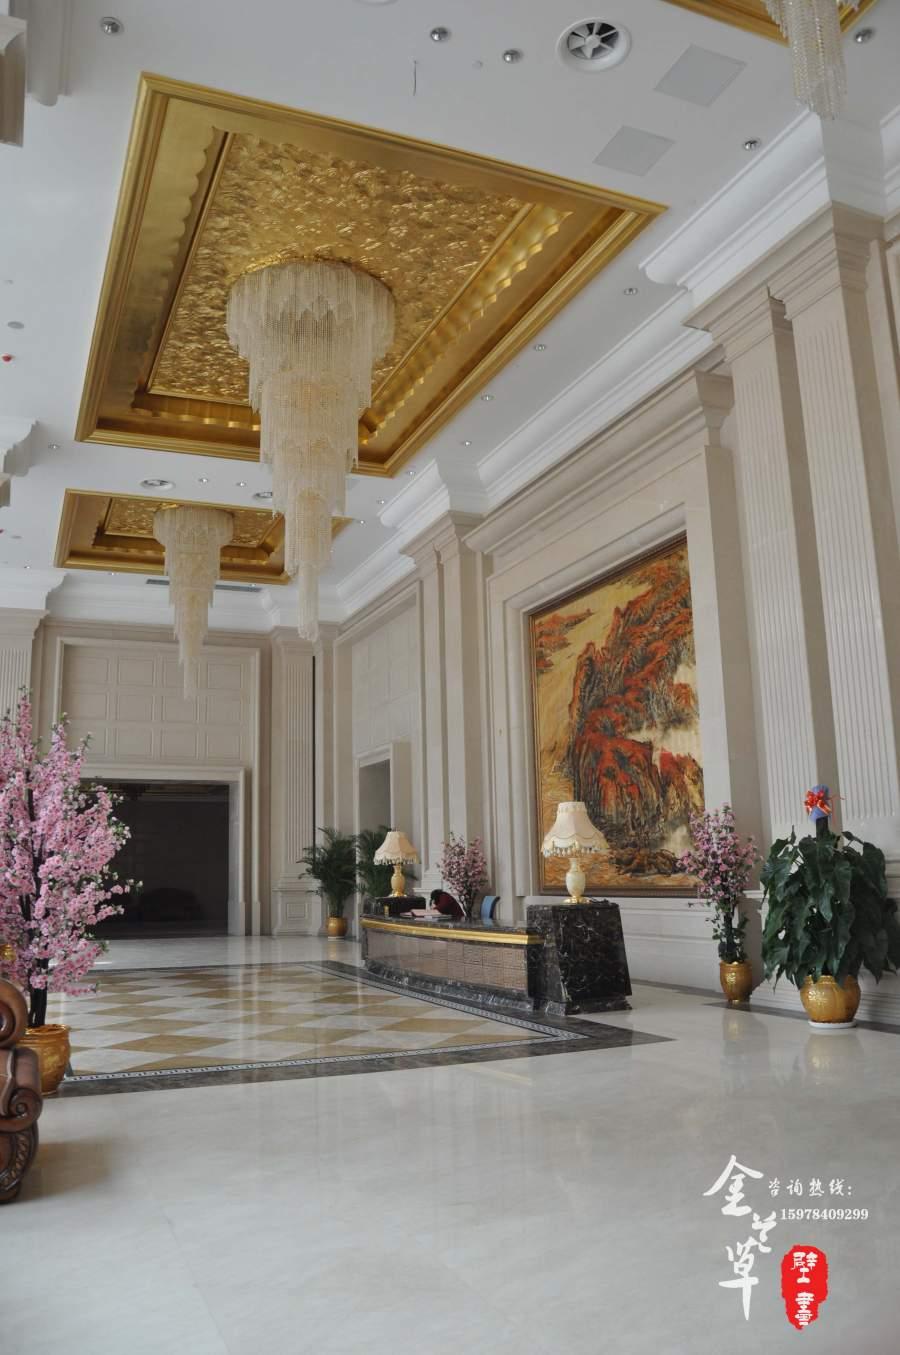 酒店大堂手绘壁画